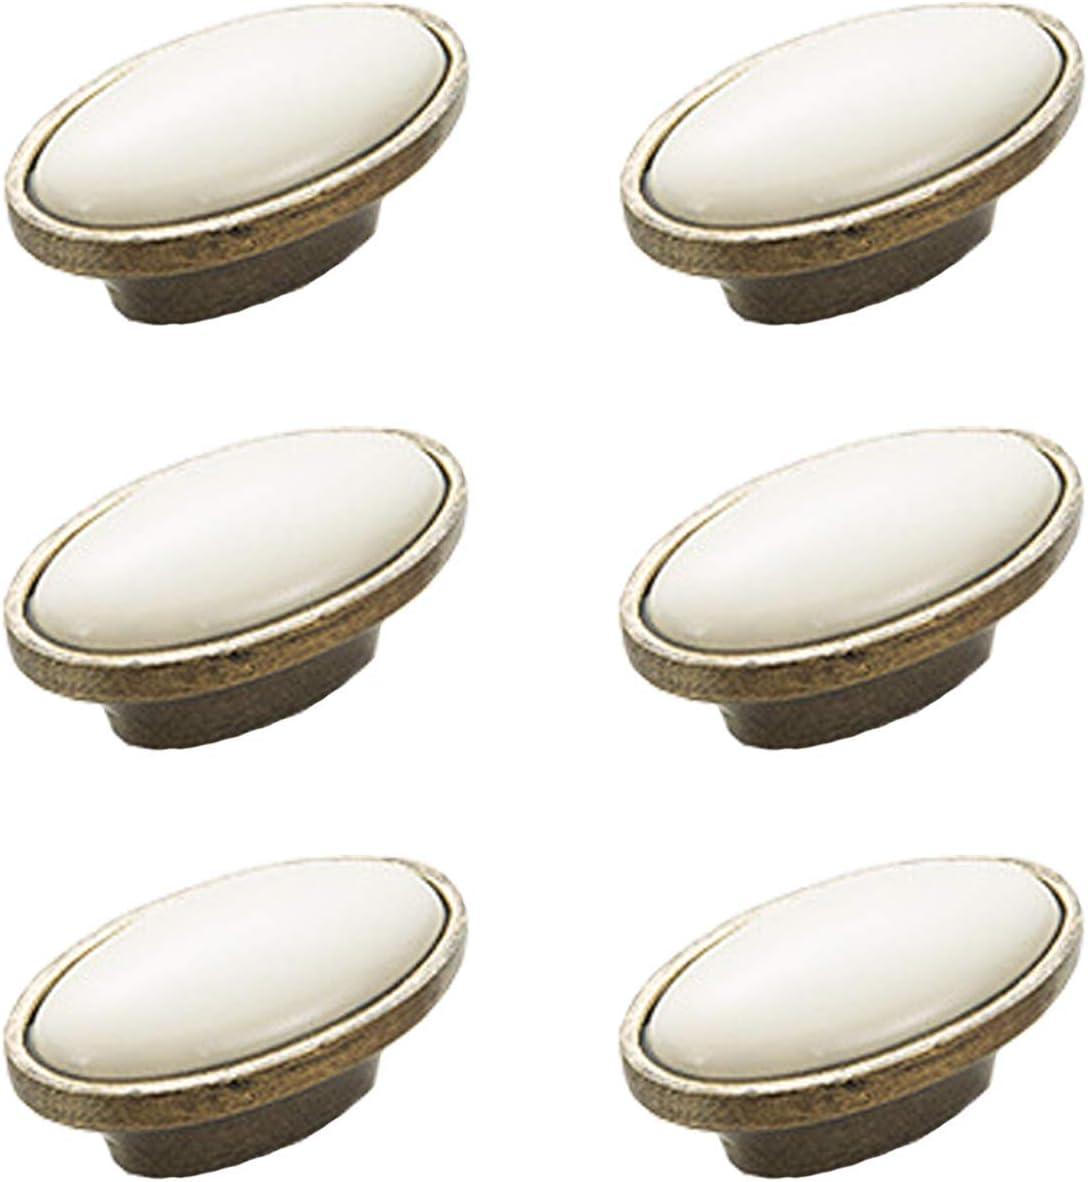 6 st/ücke Wei/ß Keramik Kabinett Kn/öpfe Hole Distance 96mm - A Schrankt/ür Zieht Antike Bronze Griff Schublade Kleiderschrank M/öbel Hardware Zubeh/ör Griff